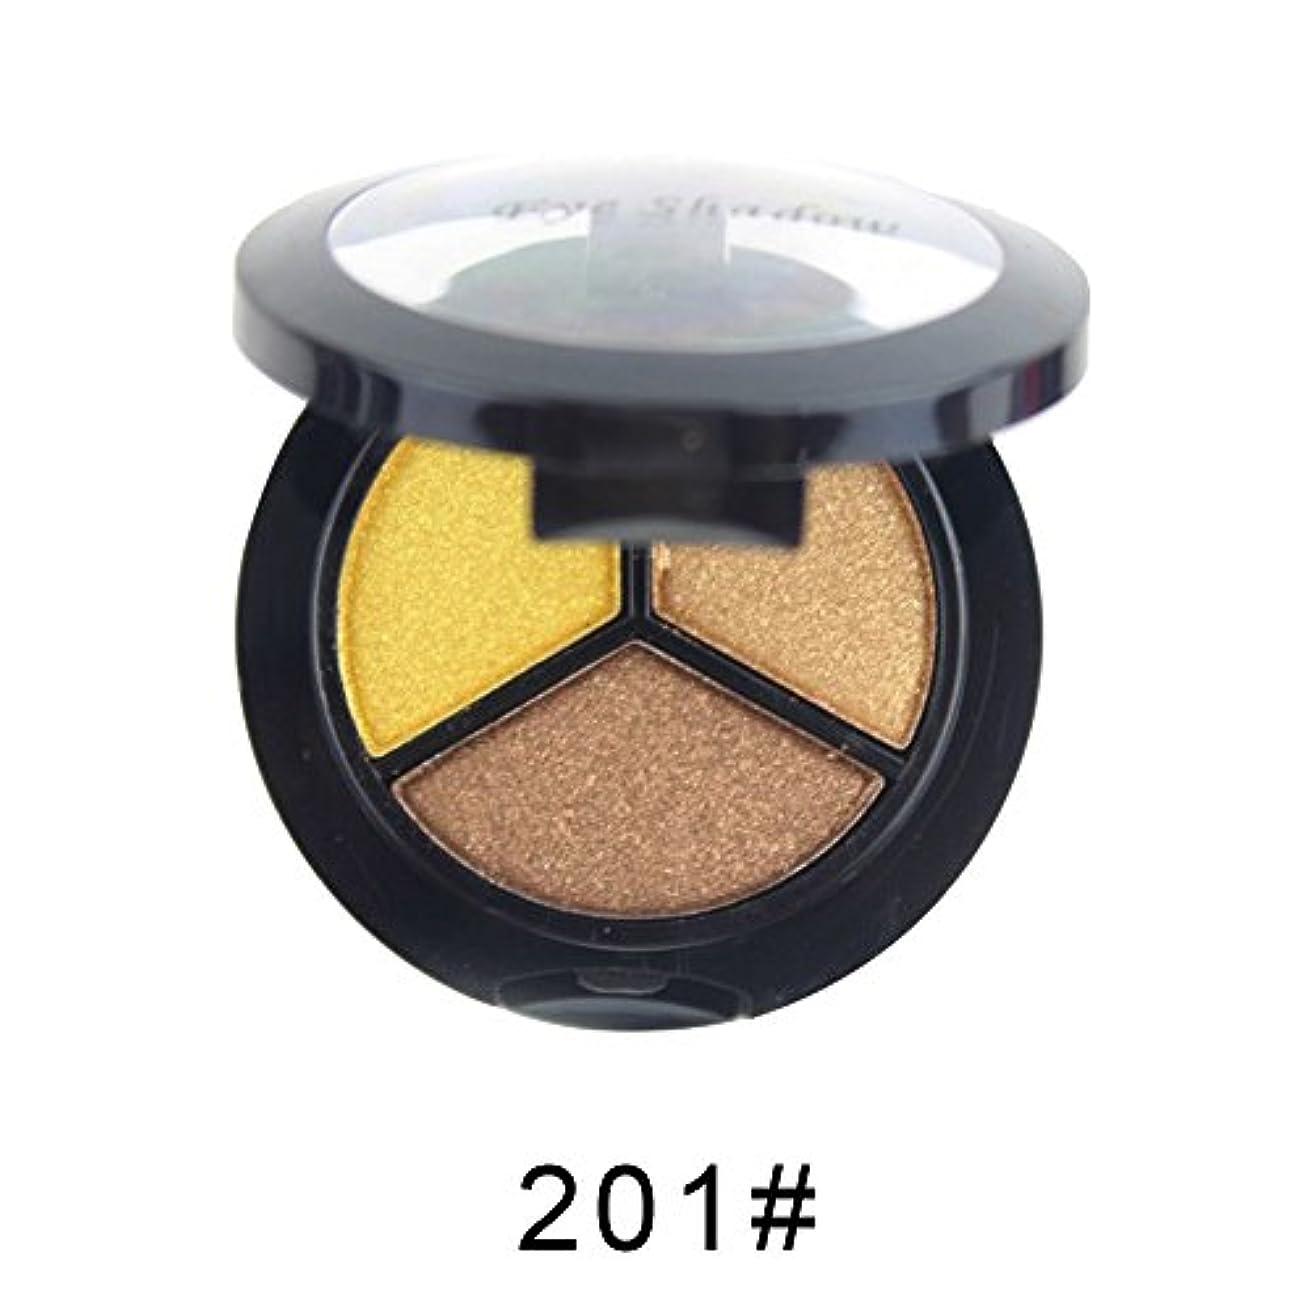 状初期興奮するアイシャドーBOBOGOJP スモーキー 化粧品 セット 3色 専門家 ナチュラル マット 化粧 アイシャドウ 携帯便利 アイメイク道具 プロタッチ カラーマスター 持続性 グラデーションアイシャドーパレット